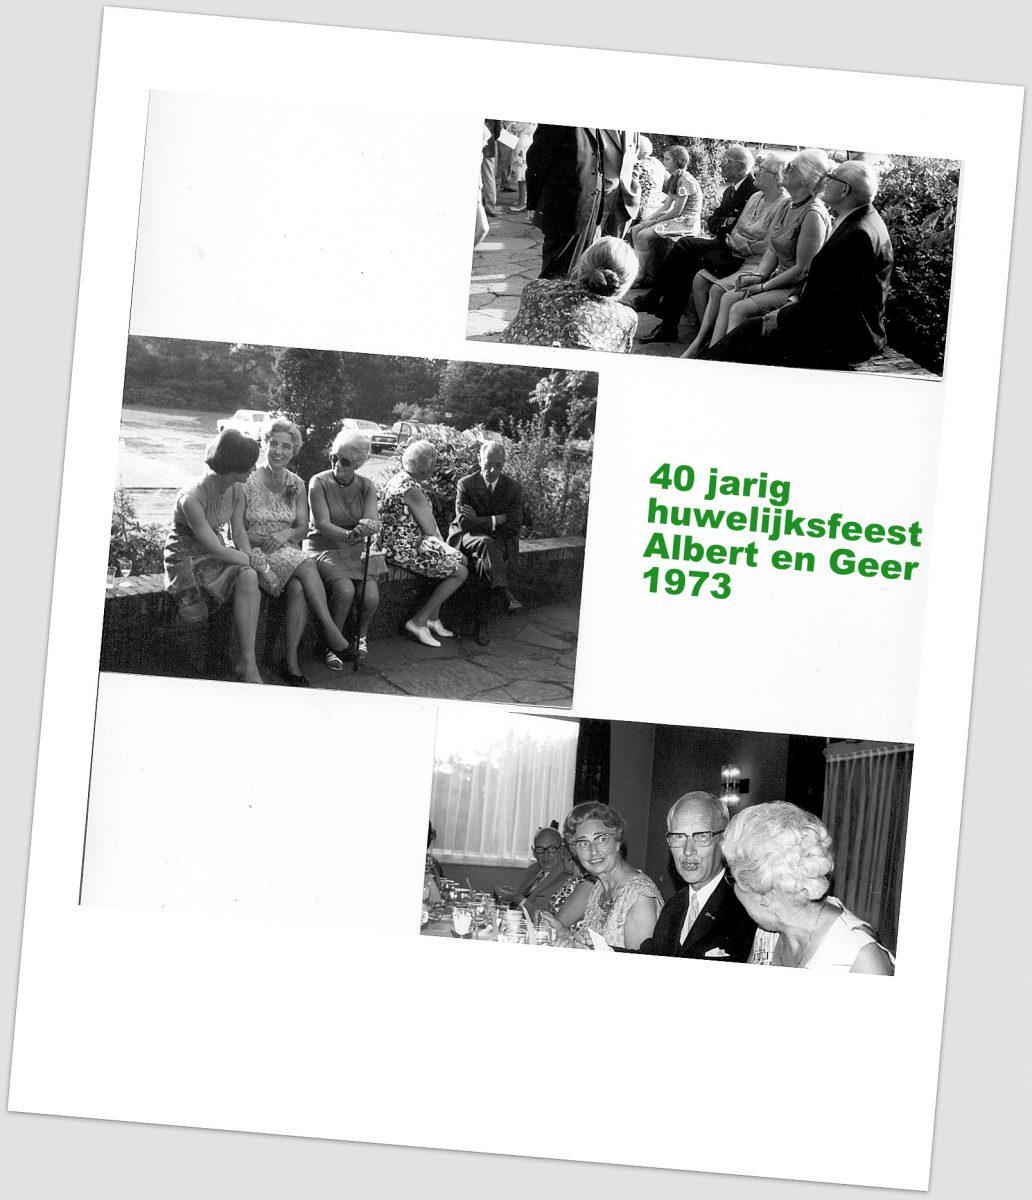 3-40 jarig huwelijksfeest Albert en Geer 1973.bmp